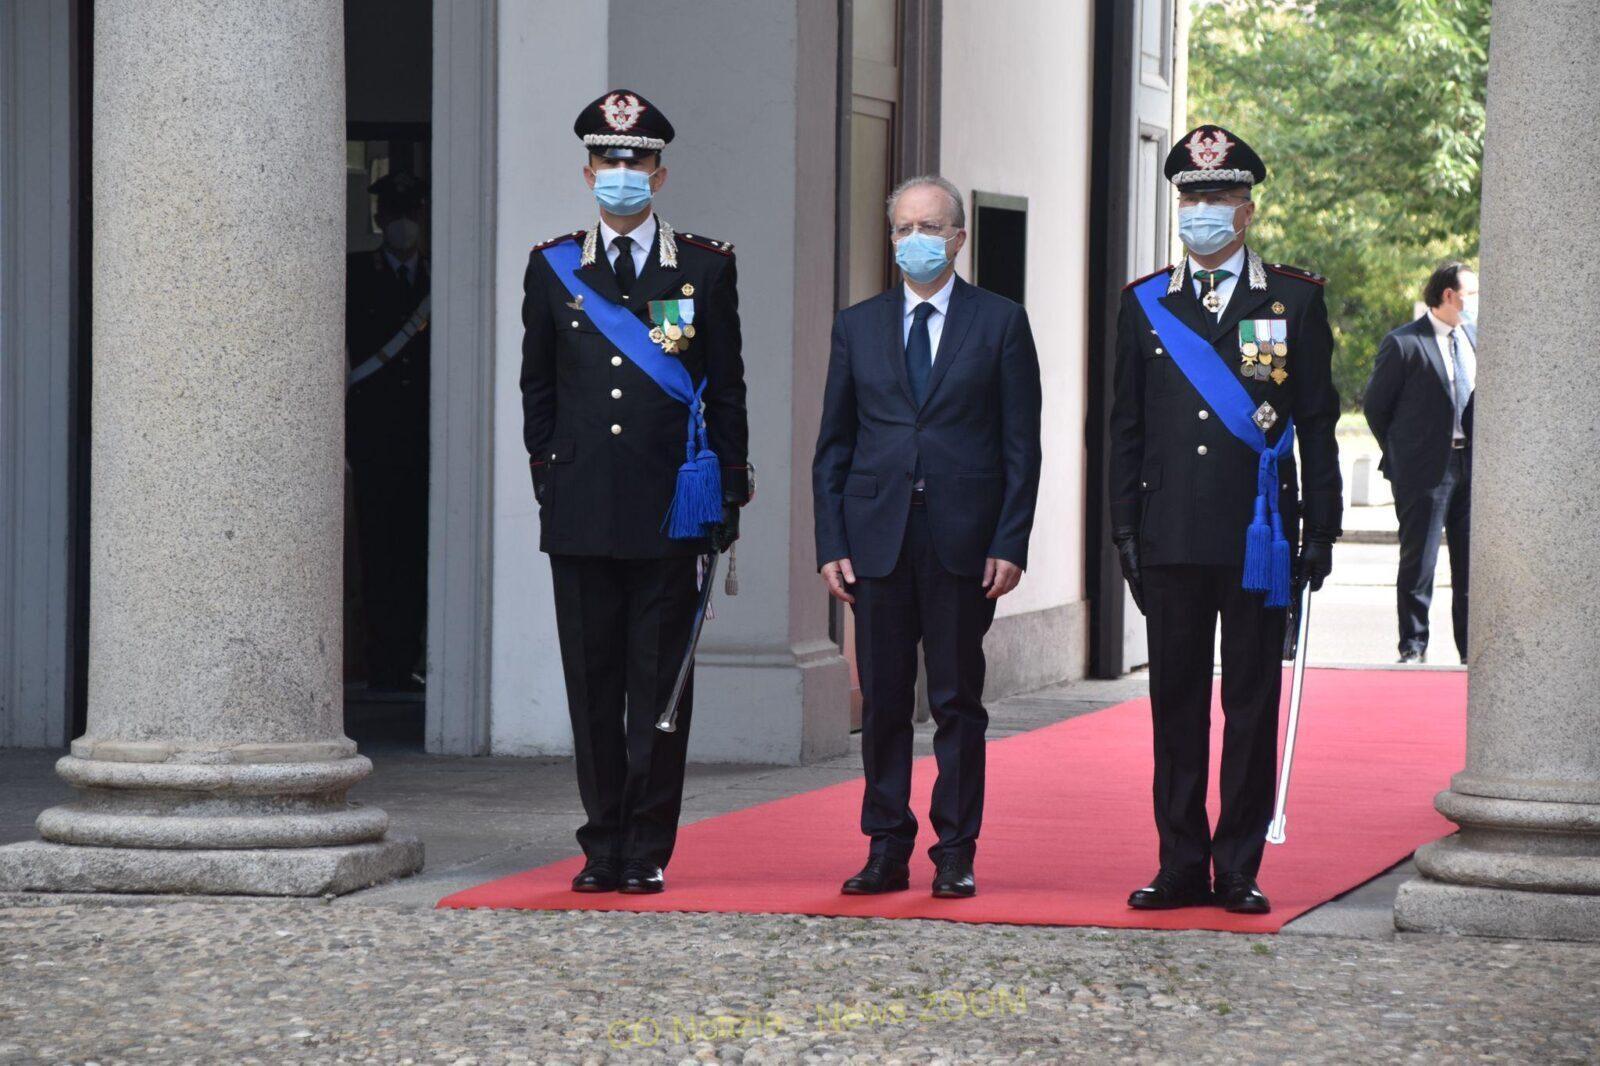 carabinieri Milano - La Festa dei carabinieri. Occasione per fare il punto sulla situazione sicurezza 06/06/2021